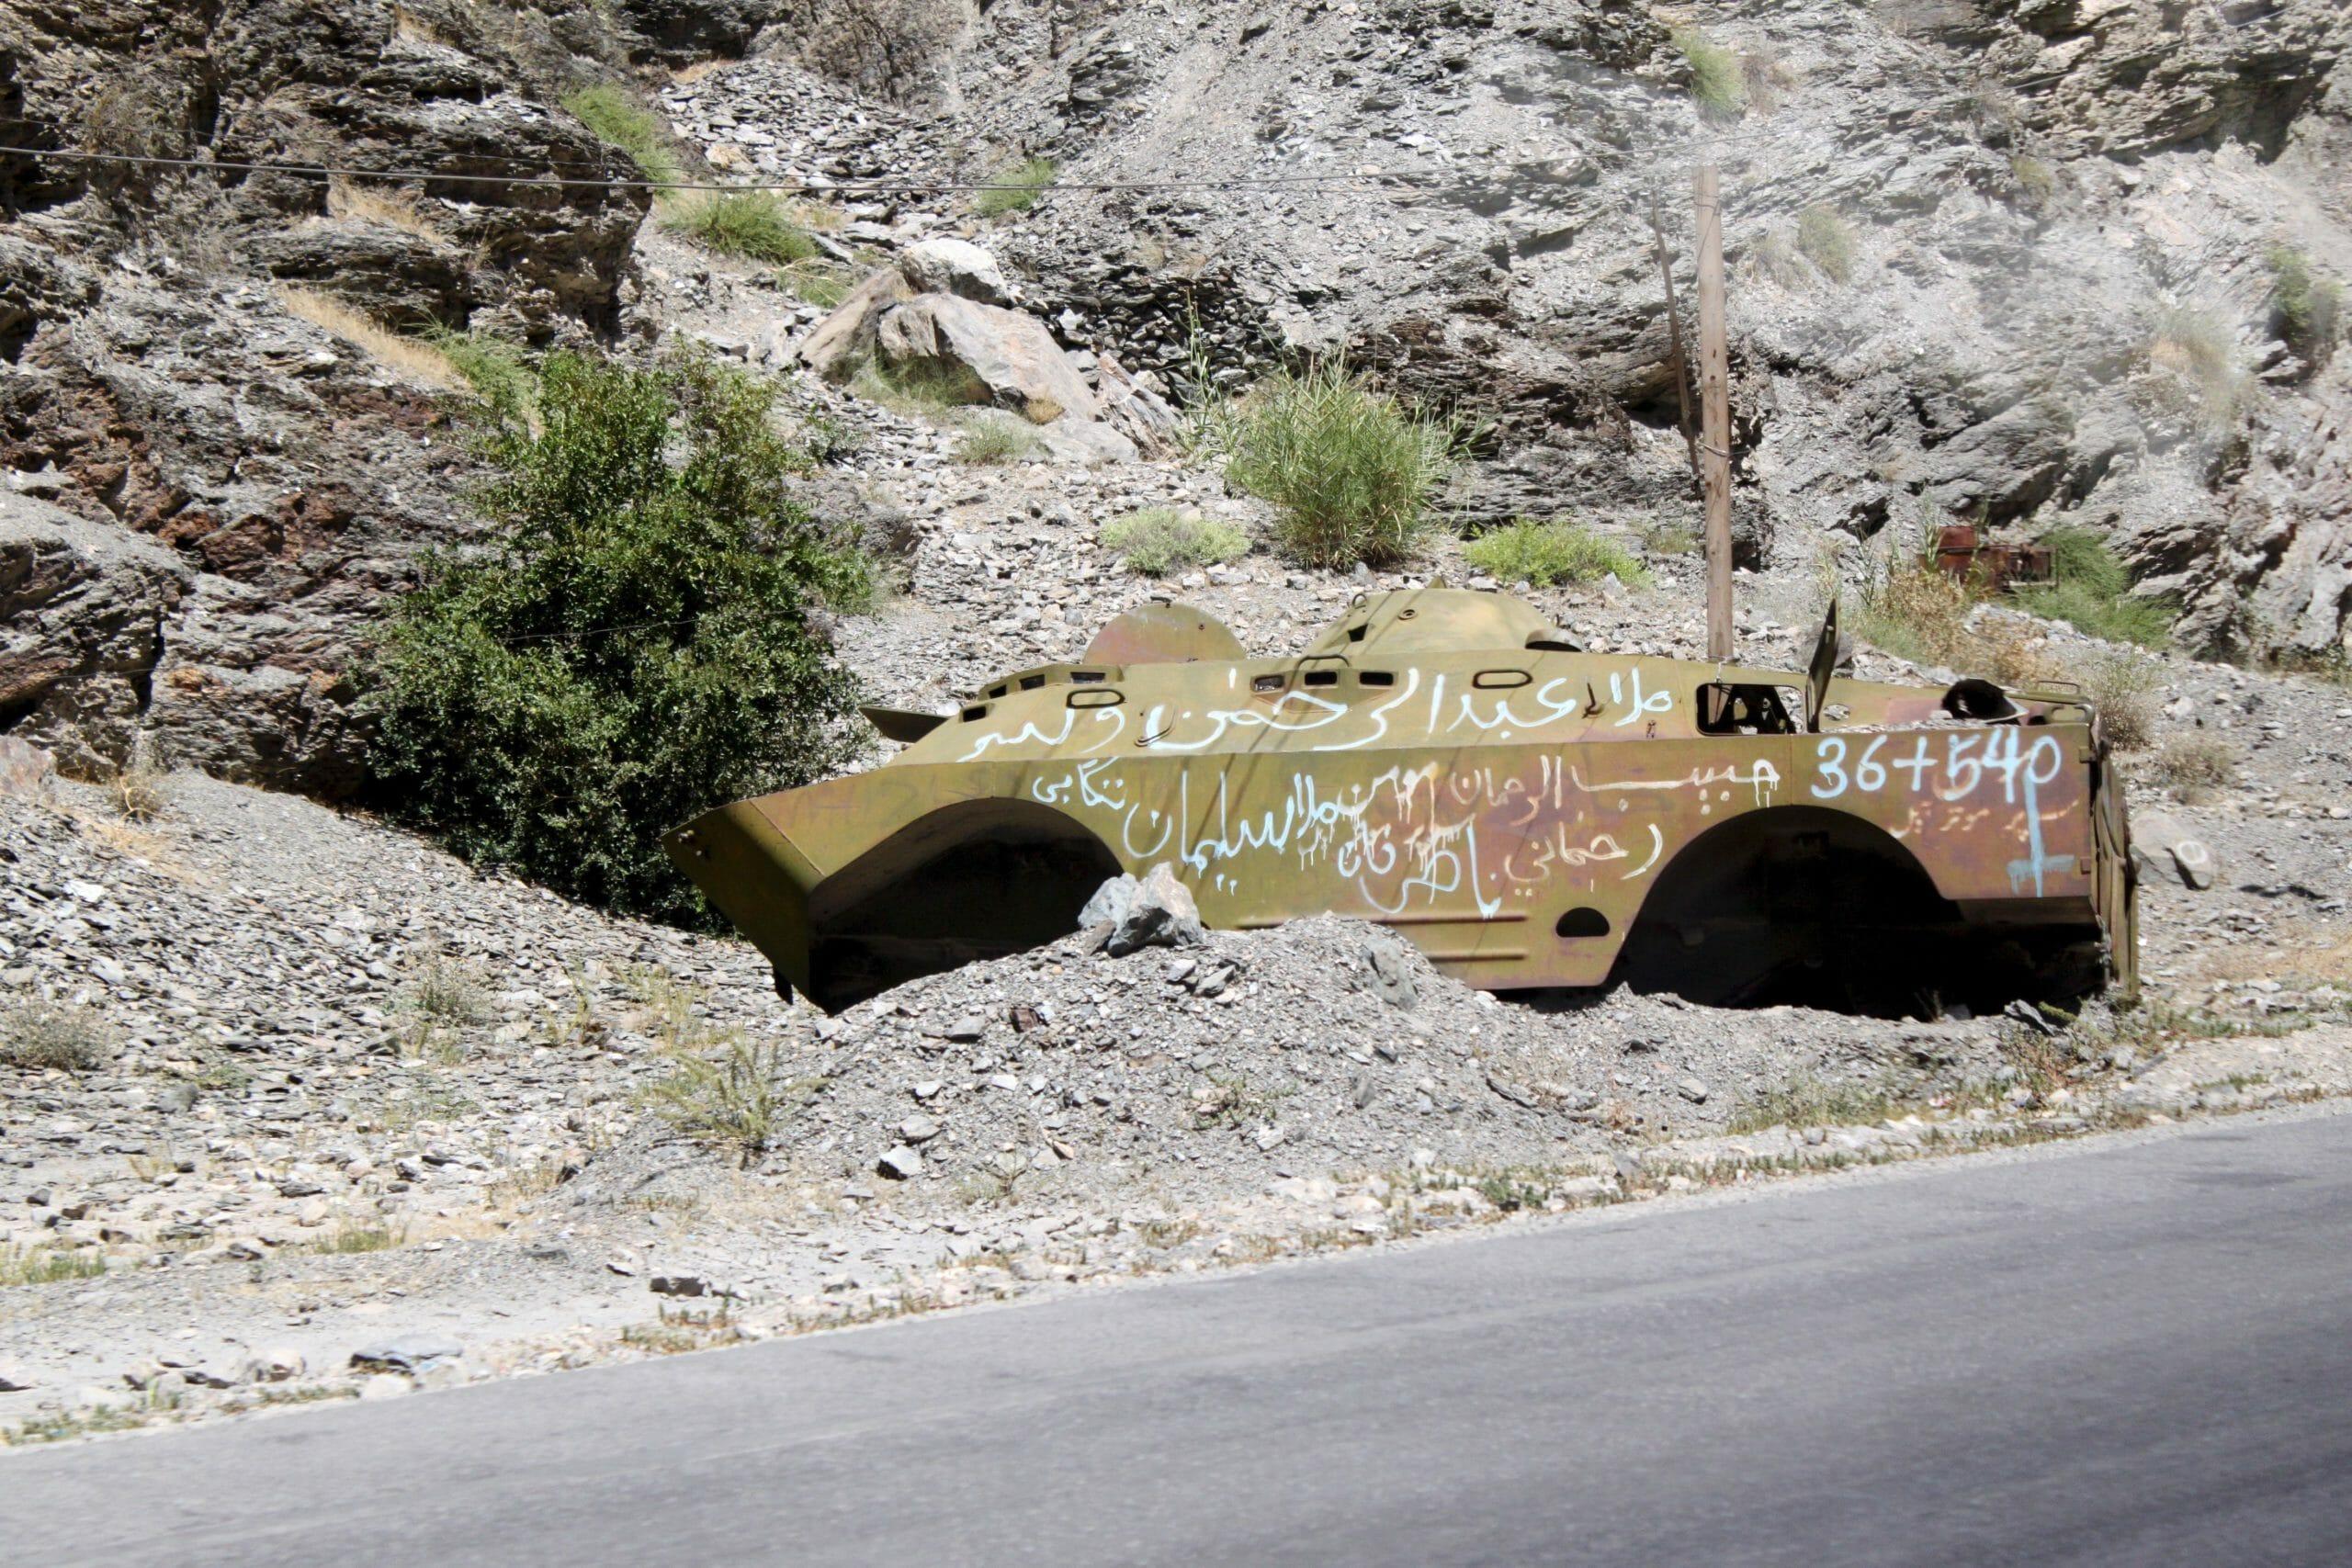 FAKTA: Gentagne krige har hærget Afghanistan